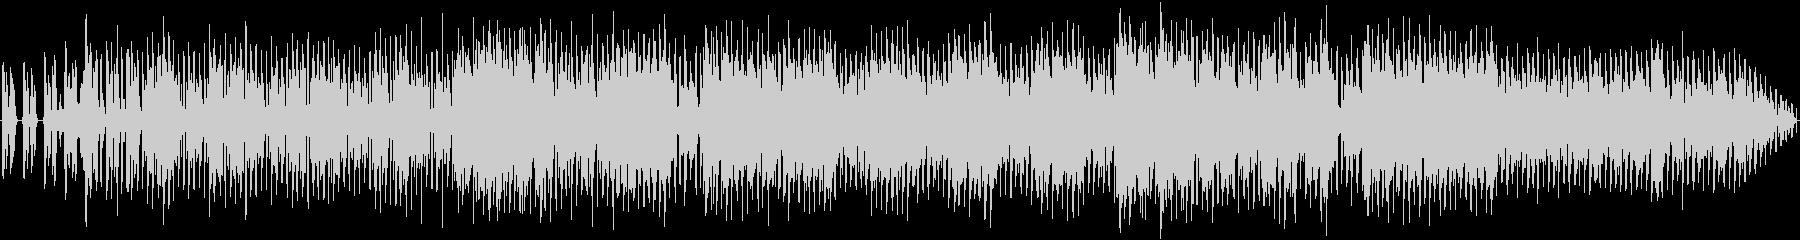 ランニングハウス。の未再生の波形